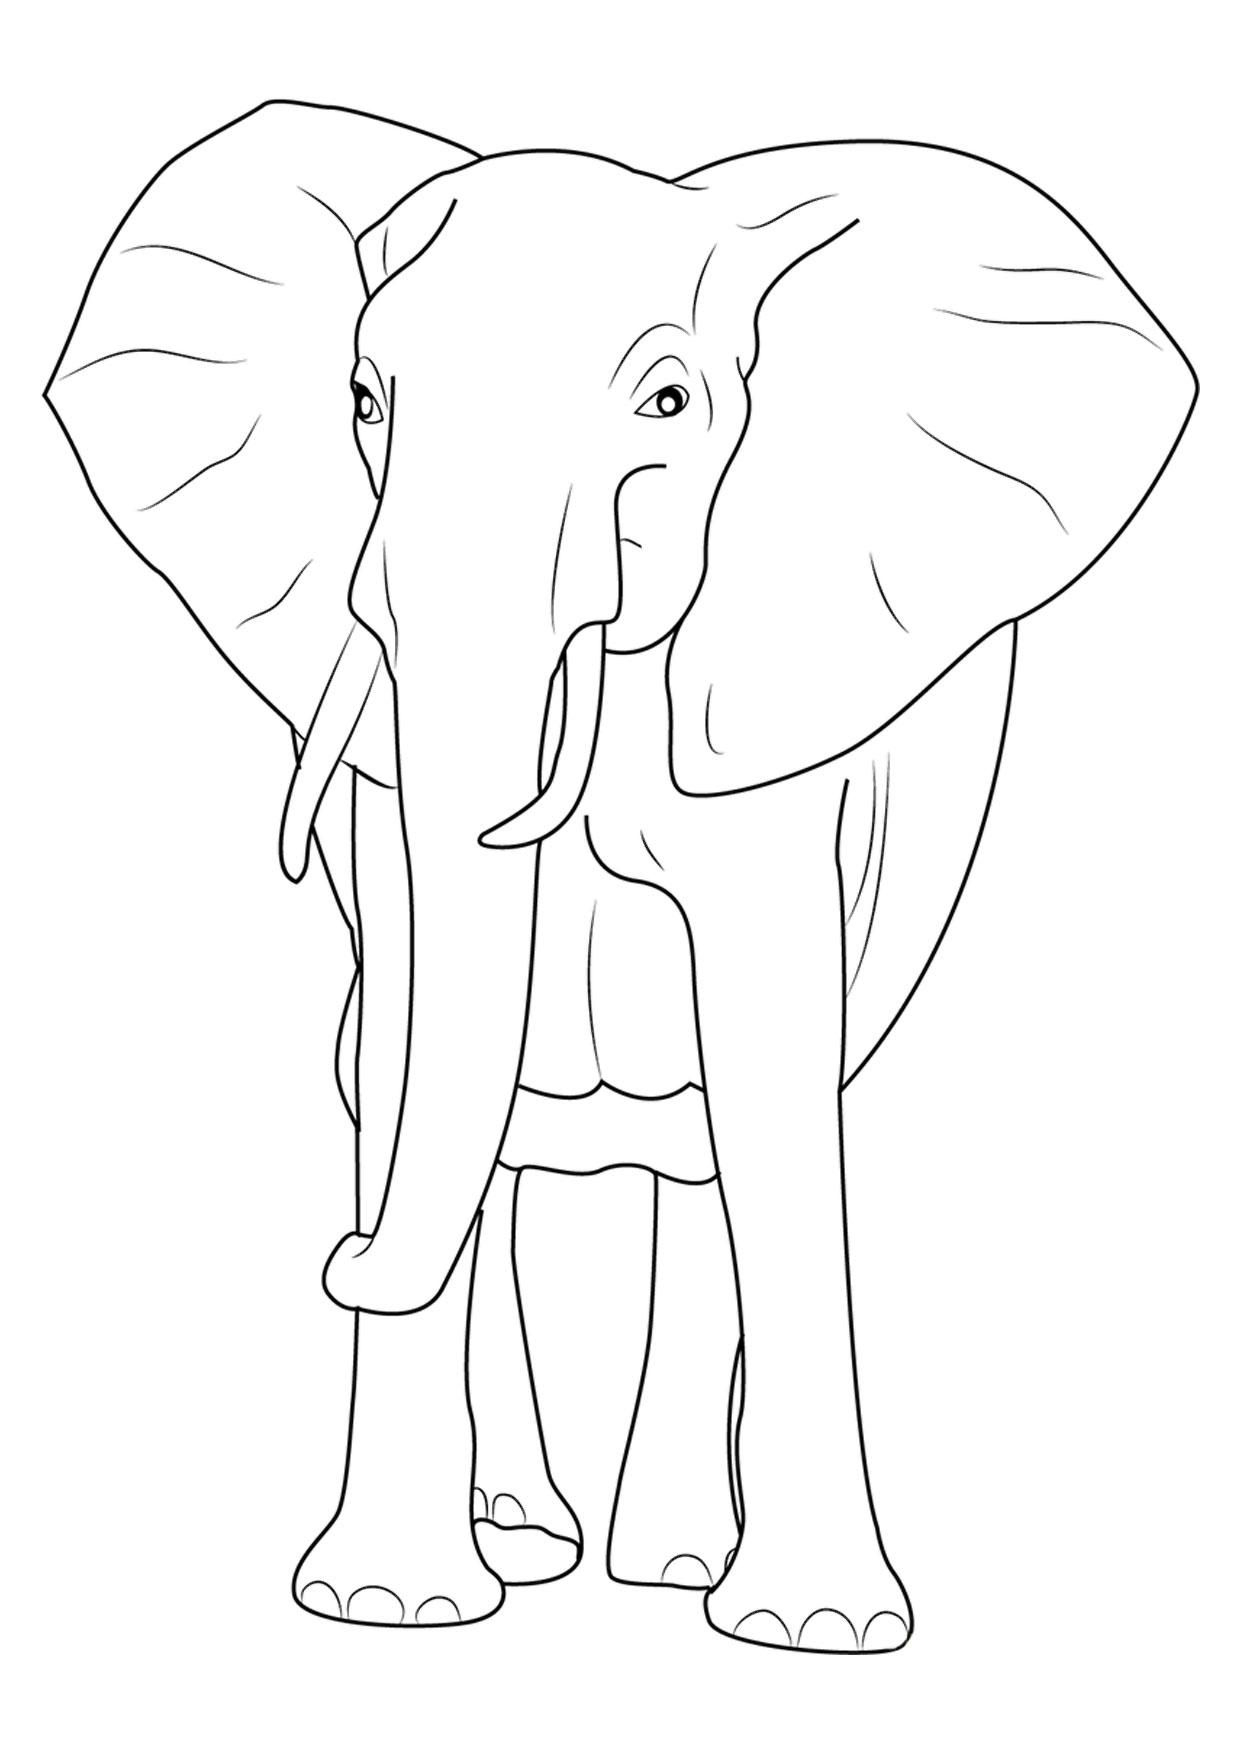 Disegno di elefanti da colorare 21